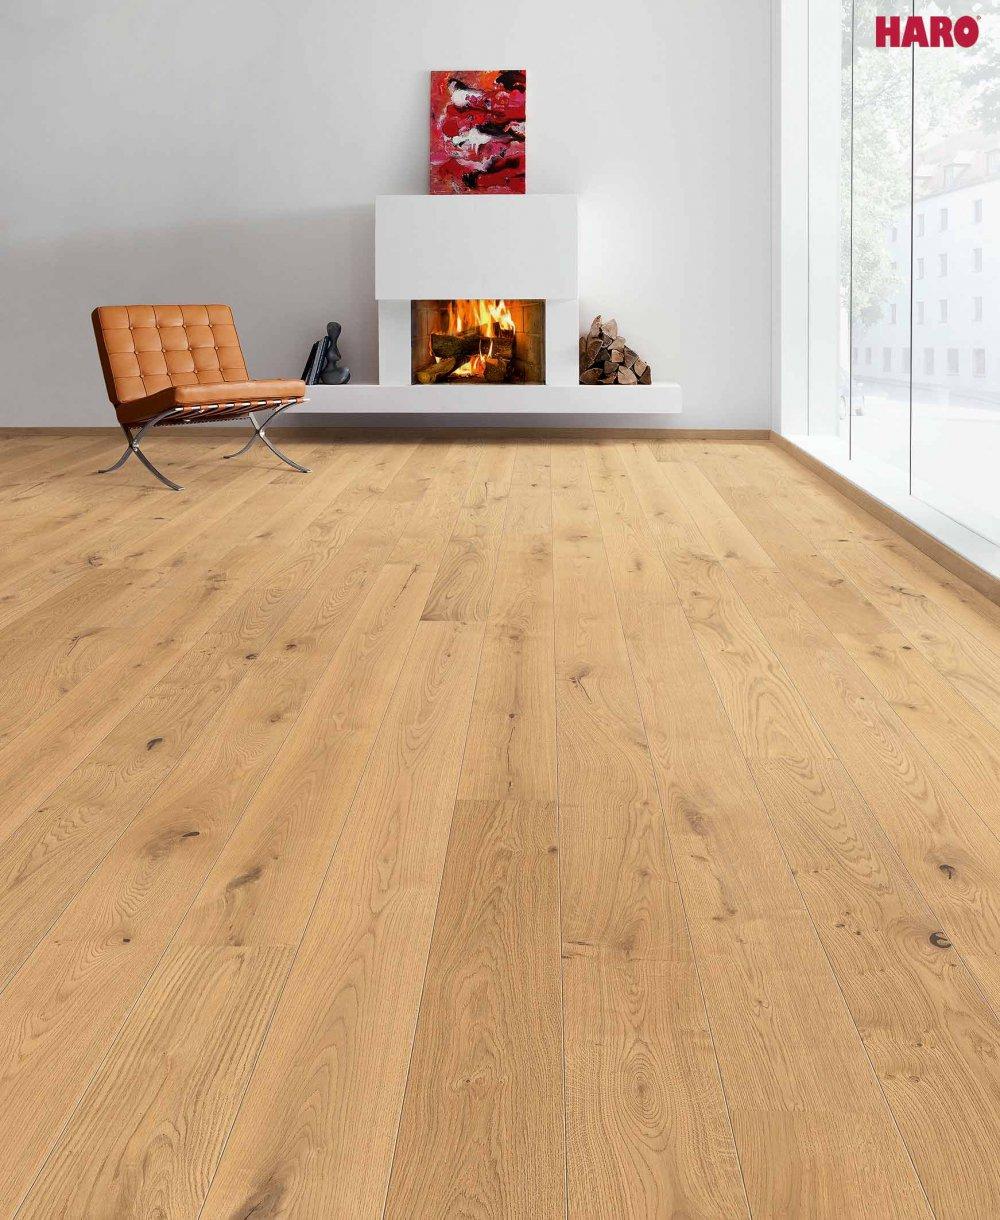 535448 haro parkett landhausdiele 4000 eiche sauvage. Black Bedroom Furniture Sets. Home Design Ideas